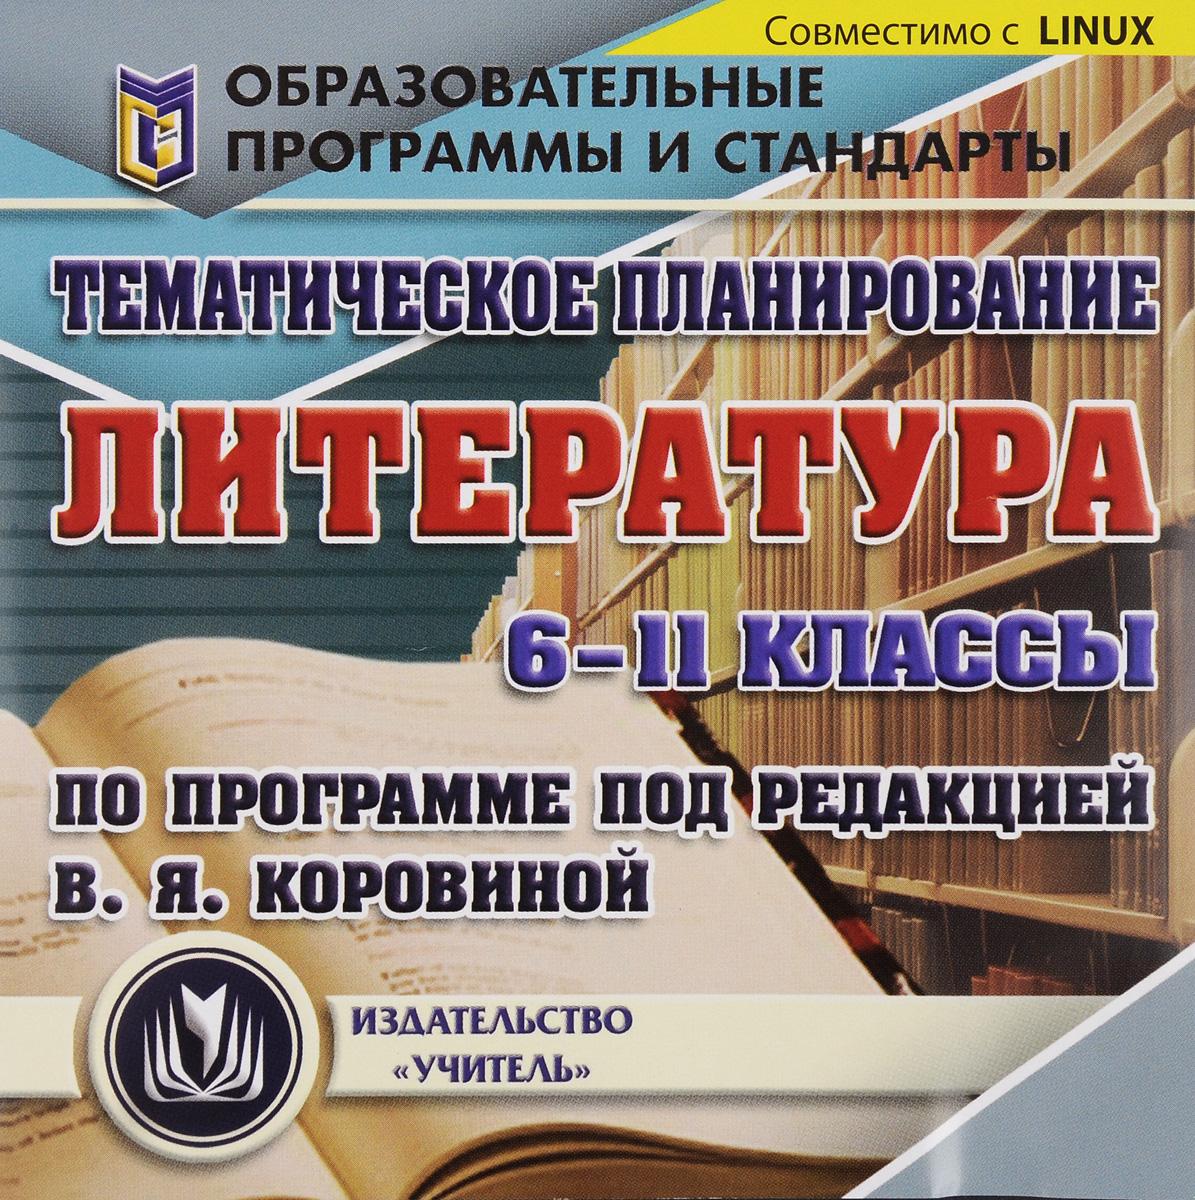 Тематическое планирование. Литература. 6-11 классы. По программе под редакцией В. Я. Коровиной